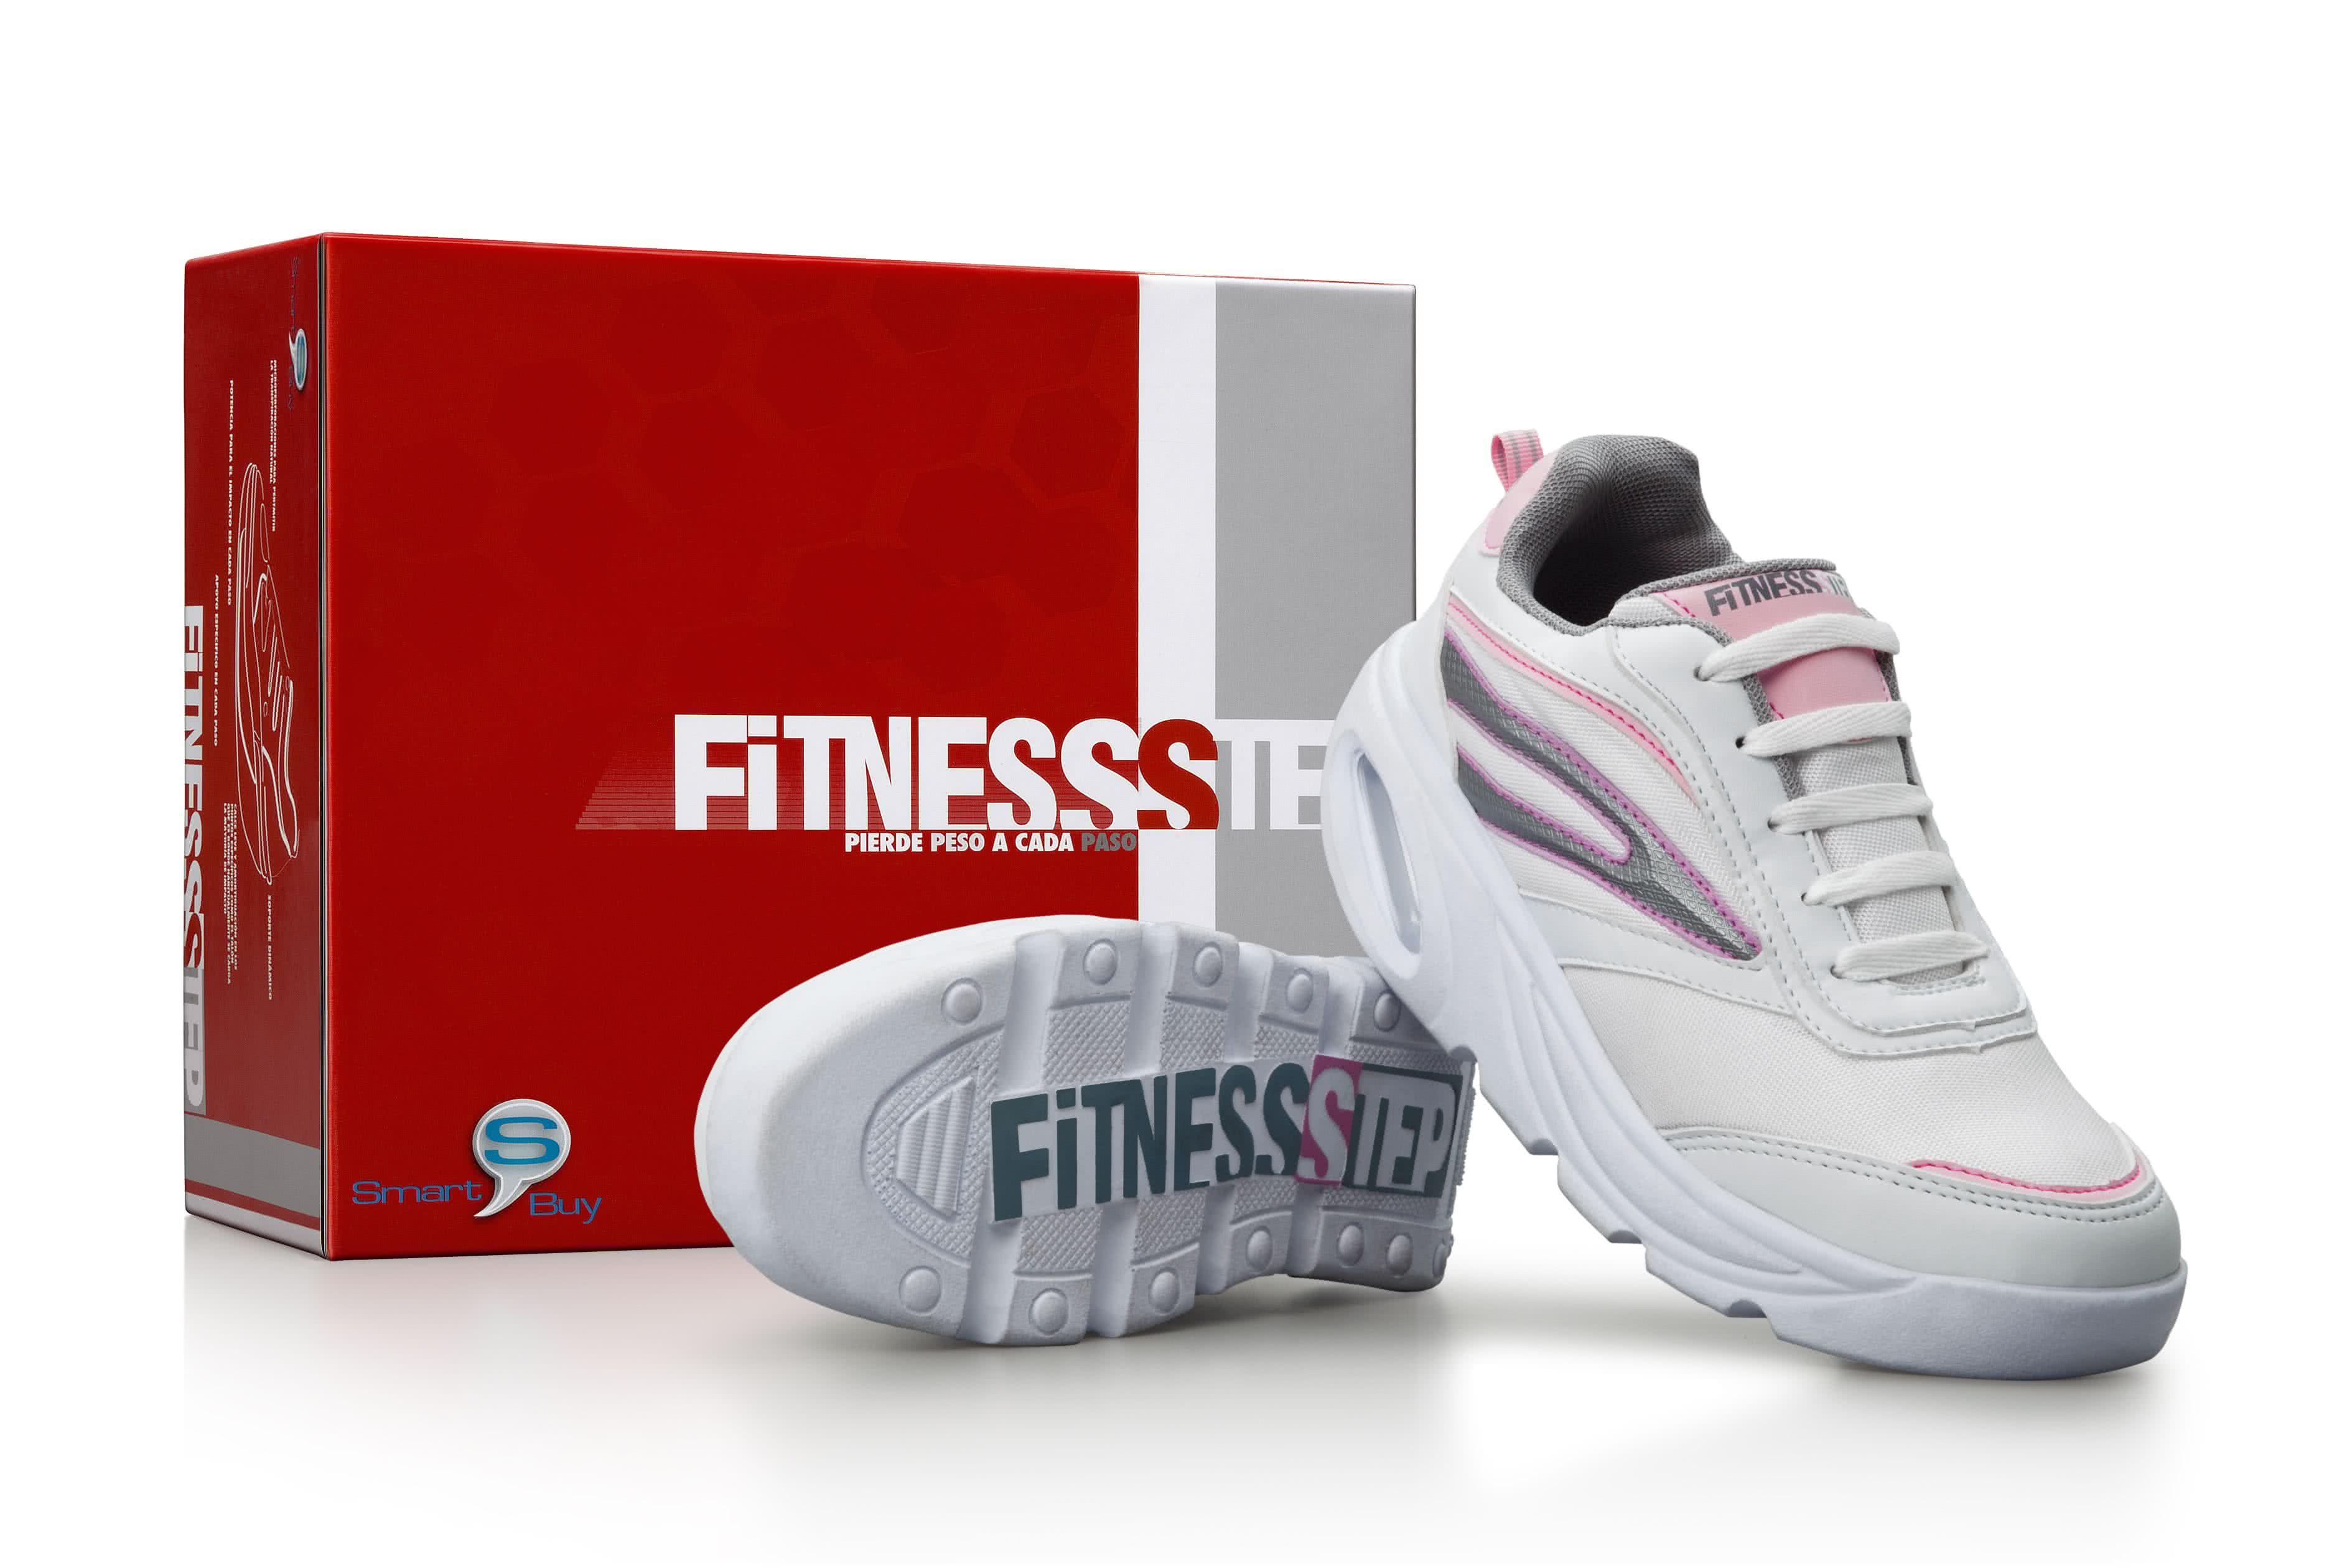 7212fa6c85 Fitness Step női edzőcipő (pár) - WS-Teleshop